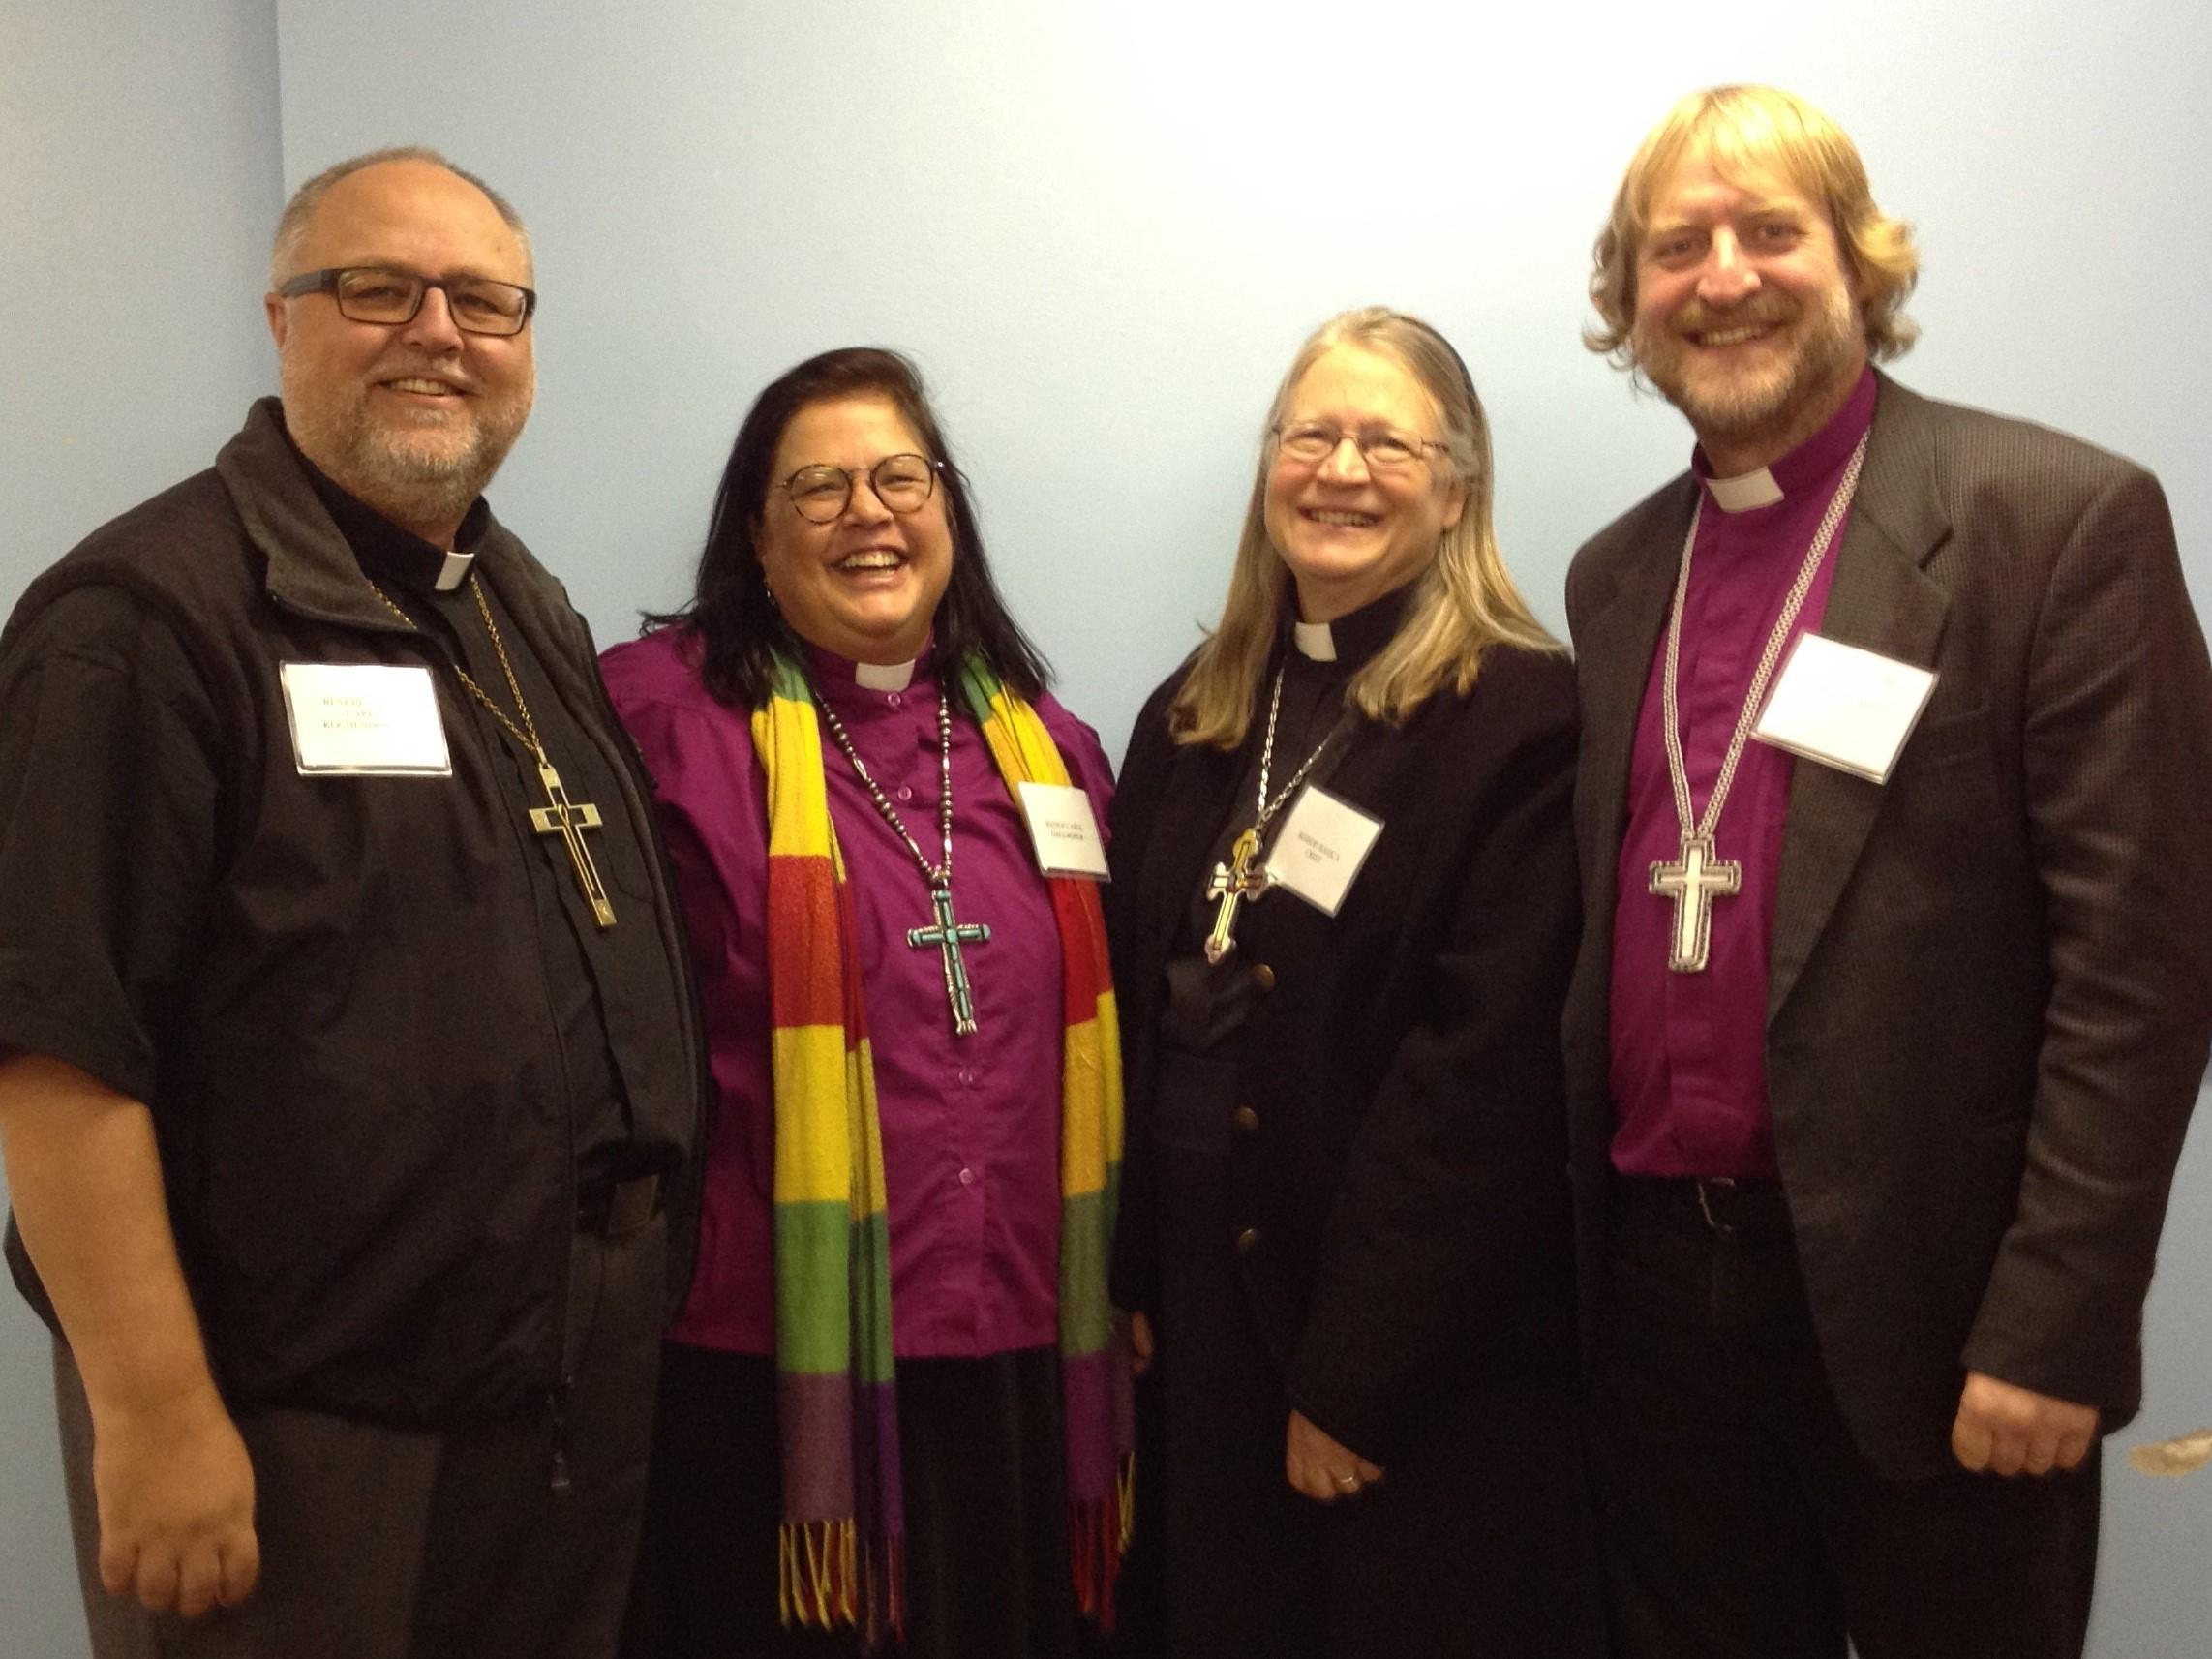 AiRR - attending Bishops